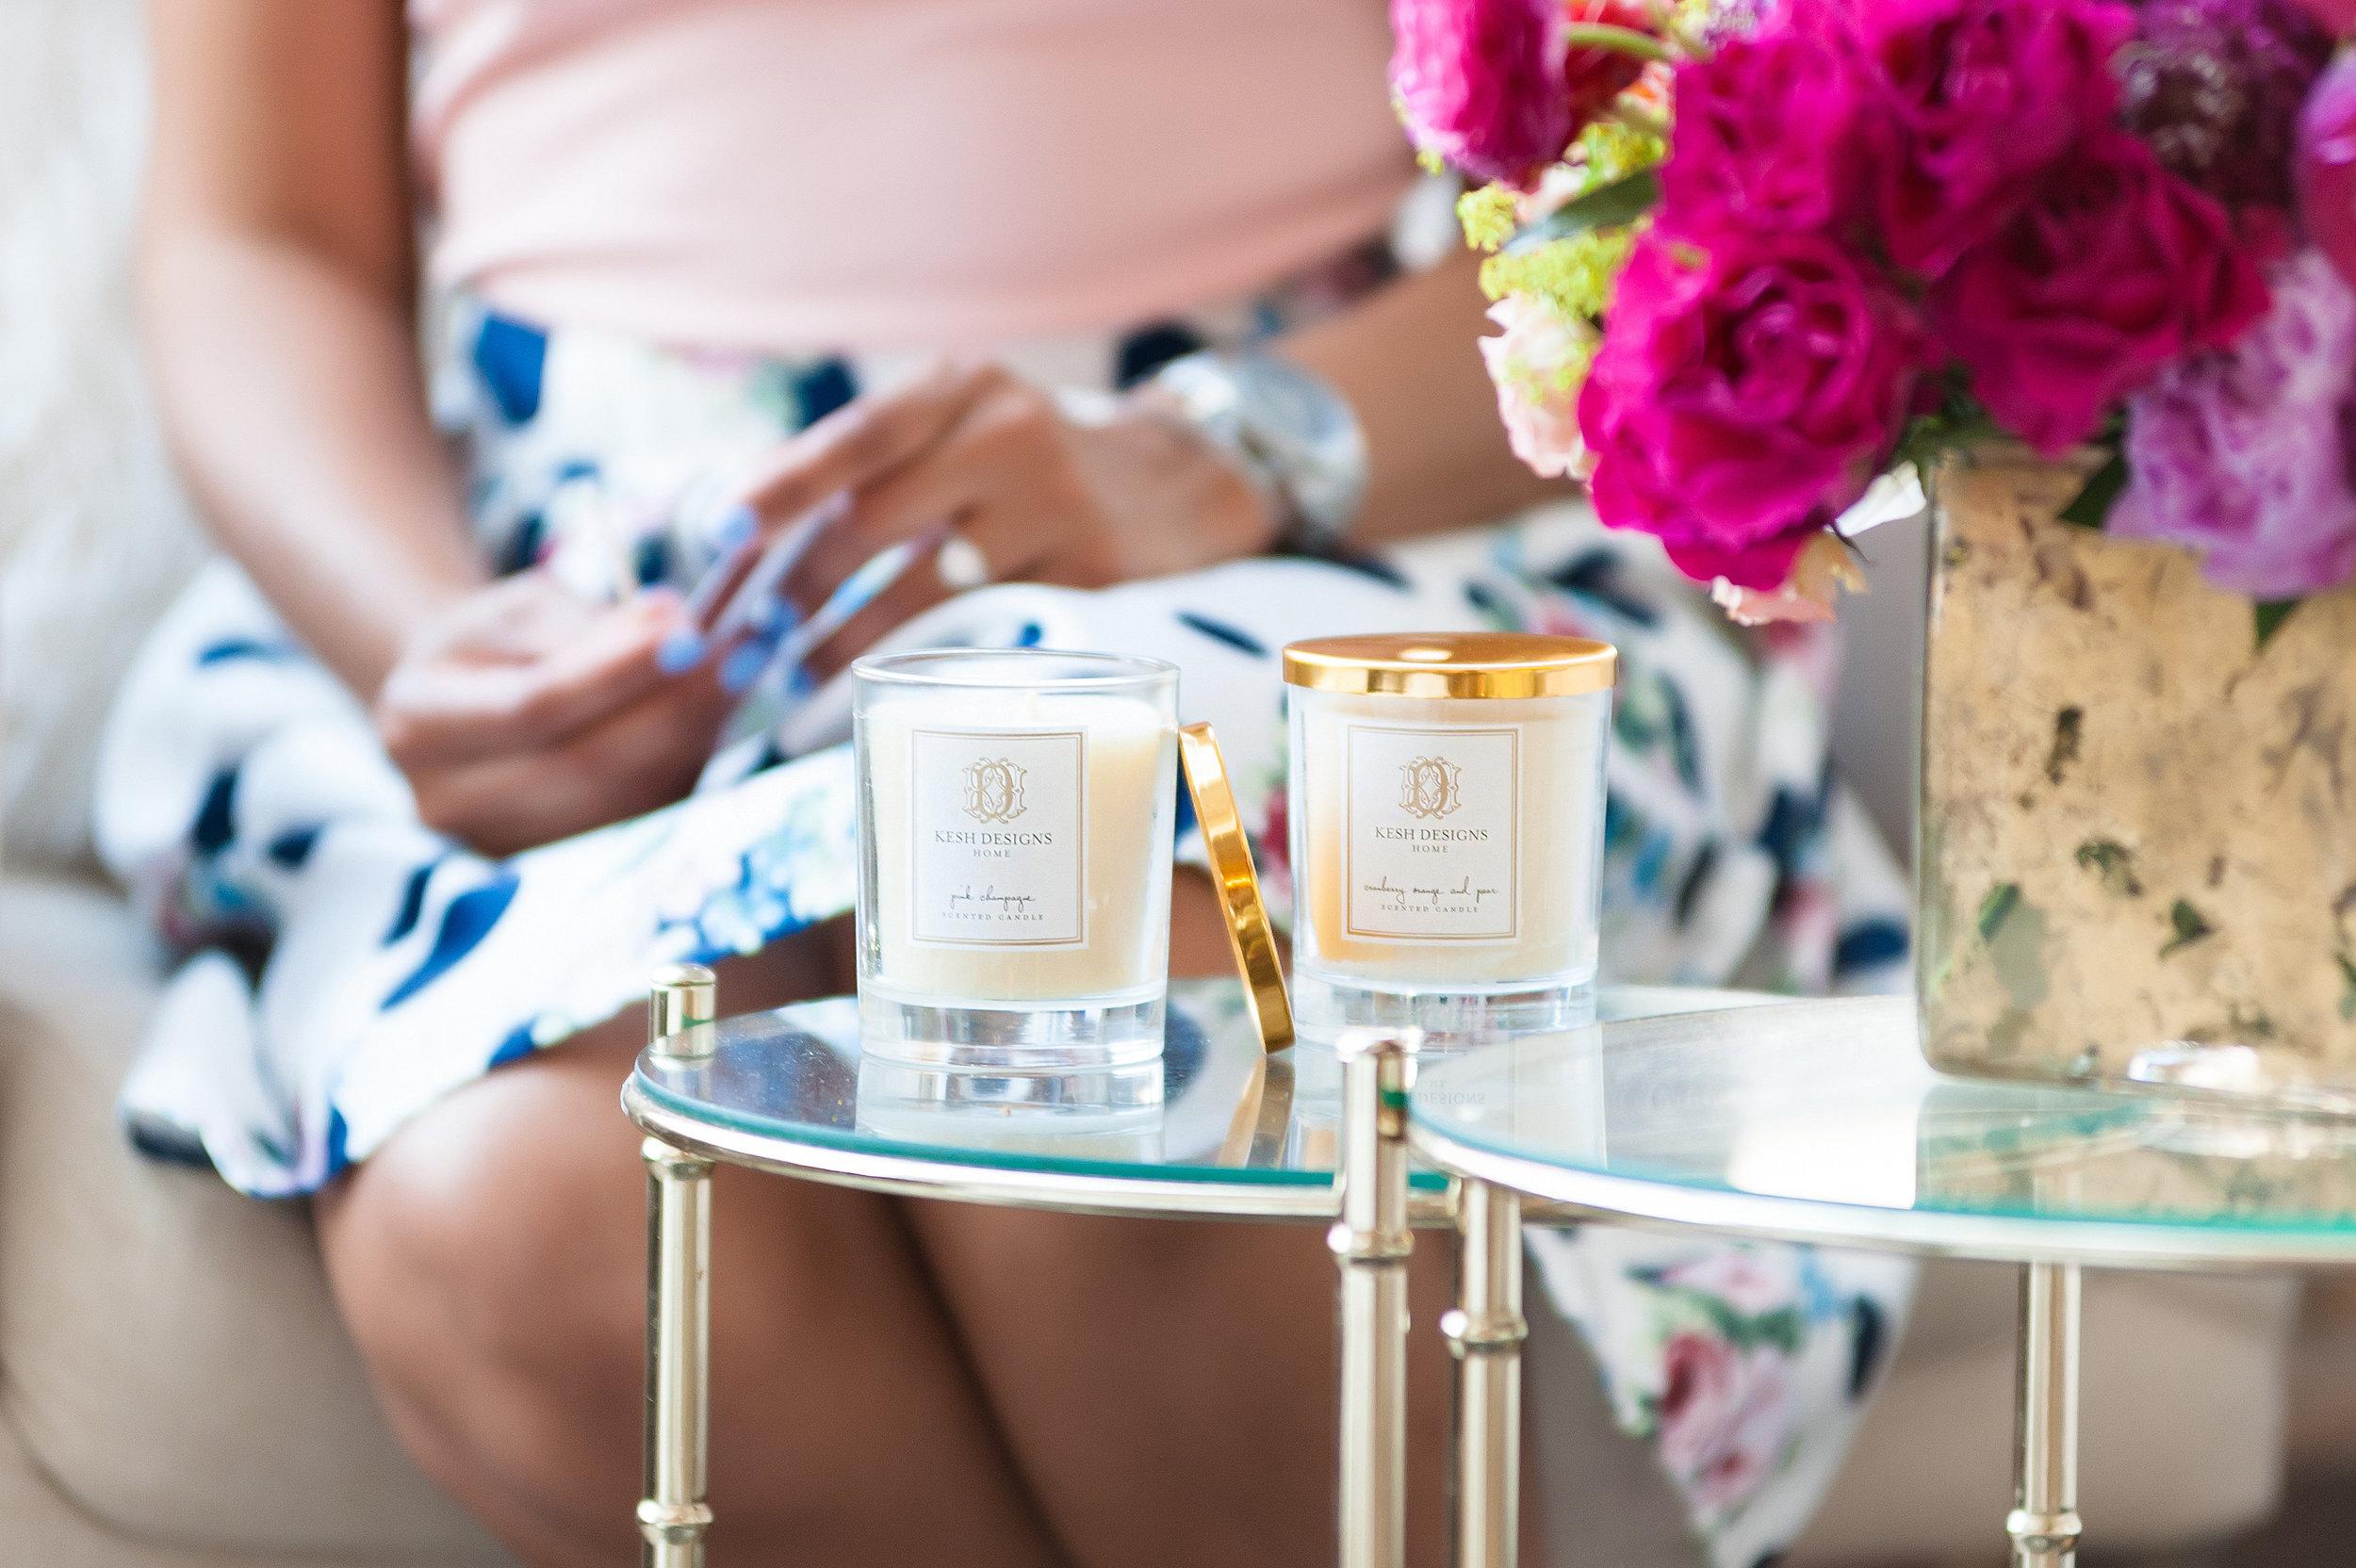 kesh-designs-home-luxury-scented-candlesjpg.jpg